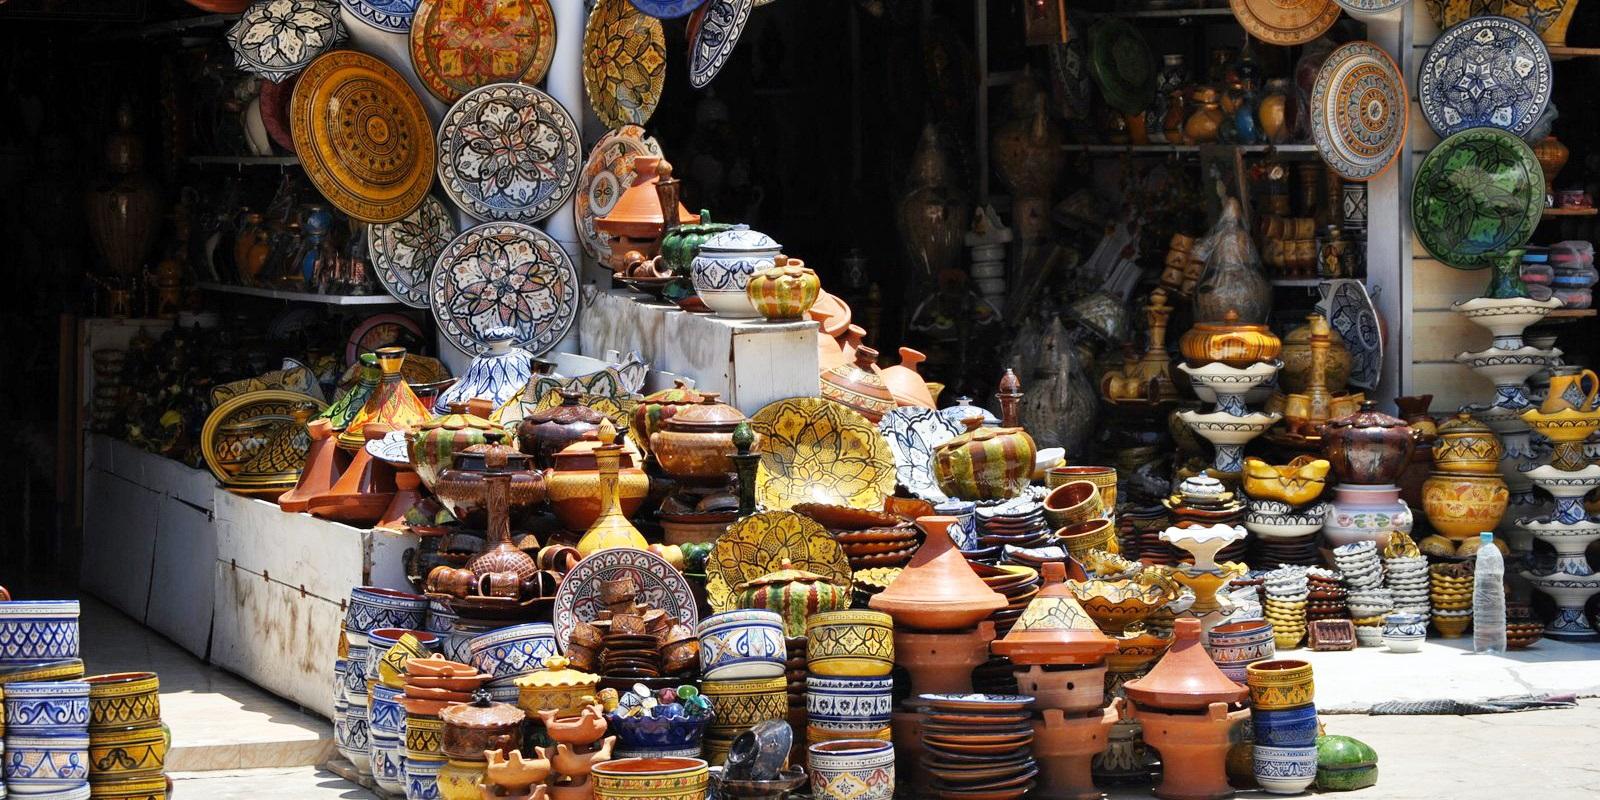 モロッコのシーク(商業地区)(7日目)